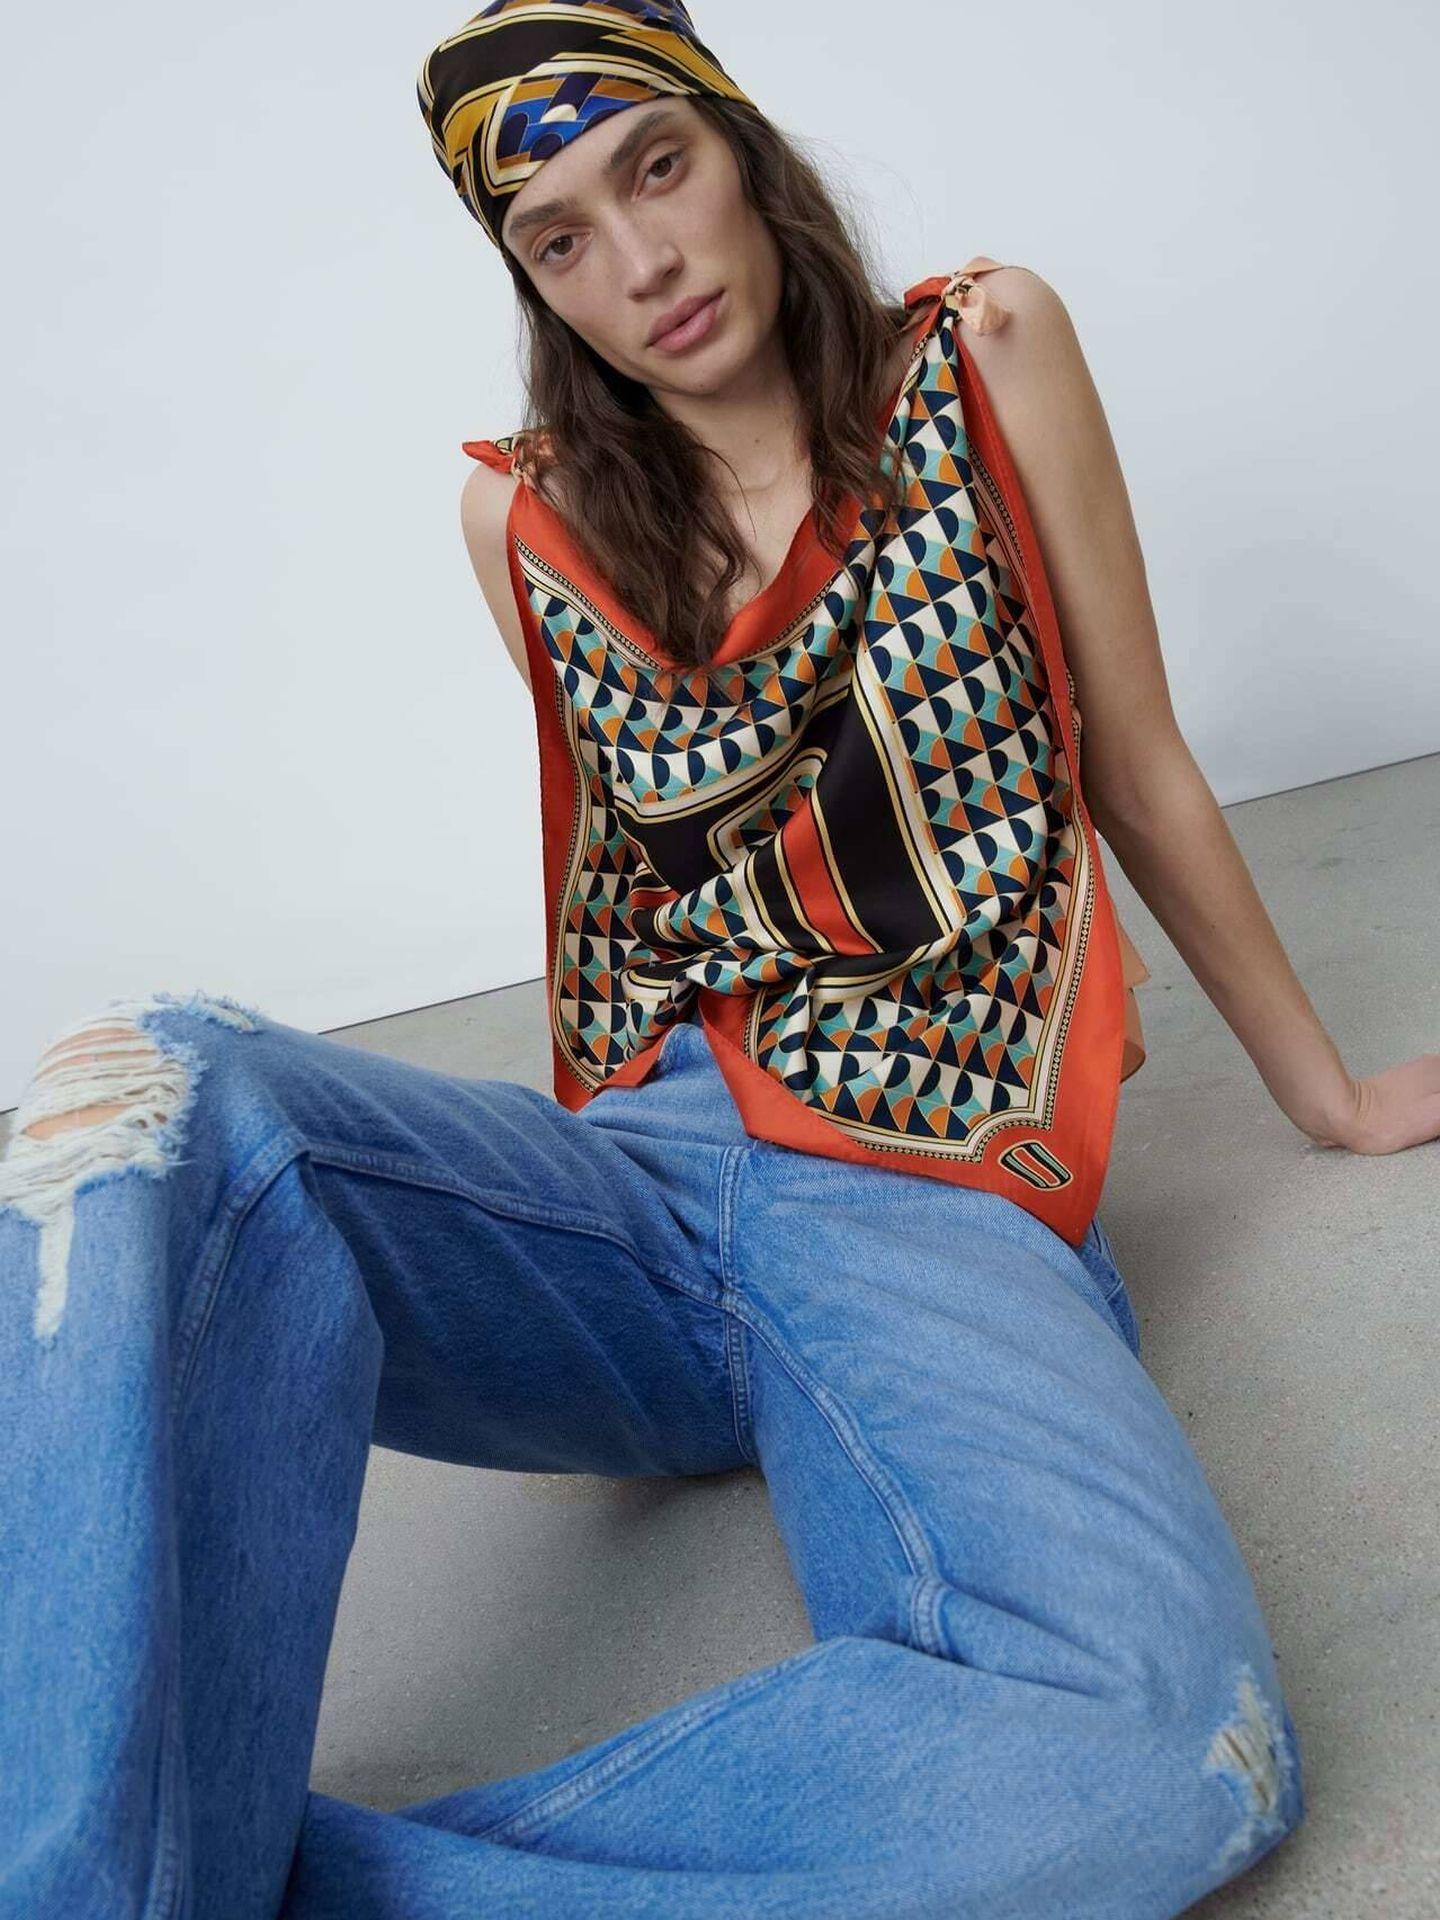 La nueva colección de pañuelos personalizados de Zara. (Cortesía)